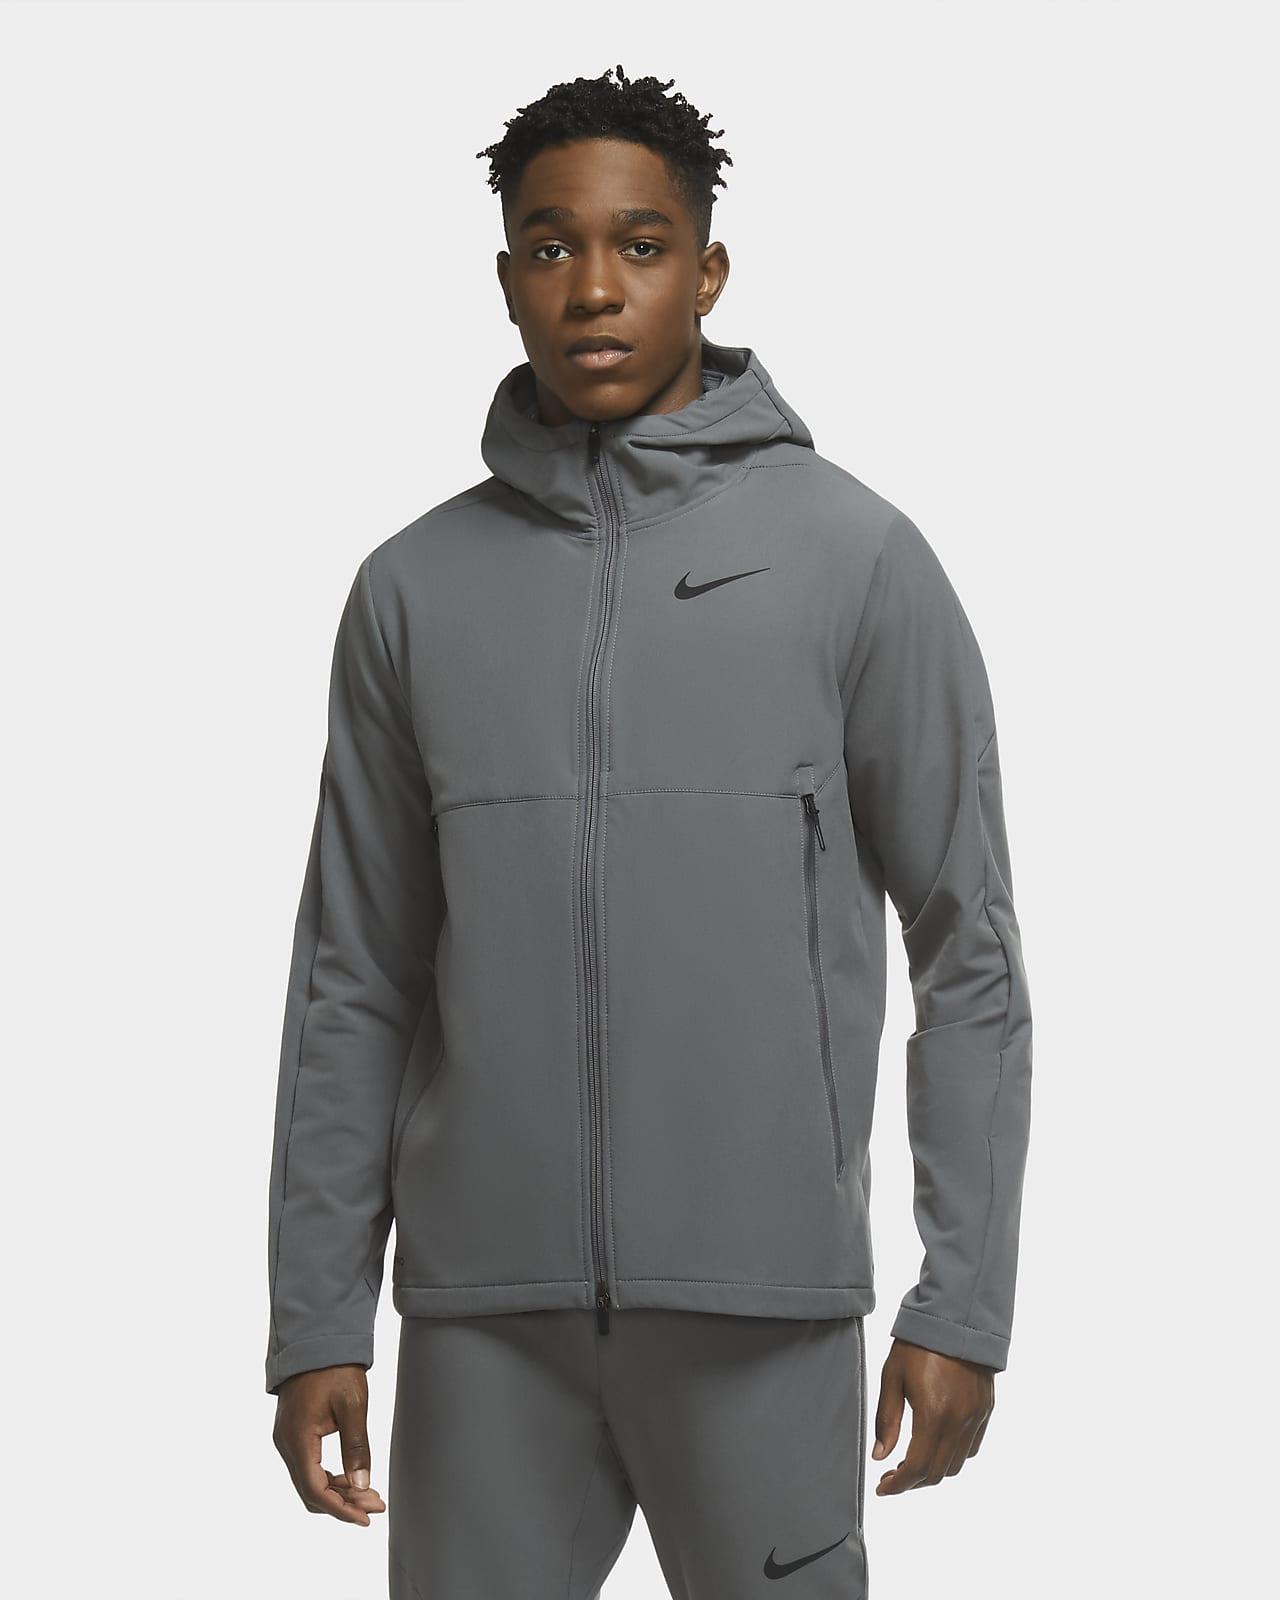 Giacca da training in tessuto per l'inverno Nike - Uomo